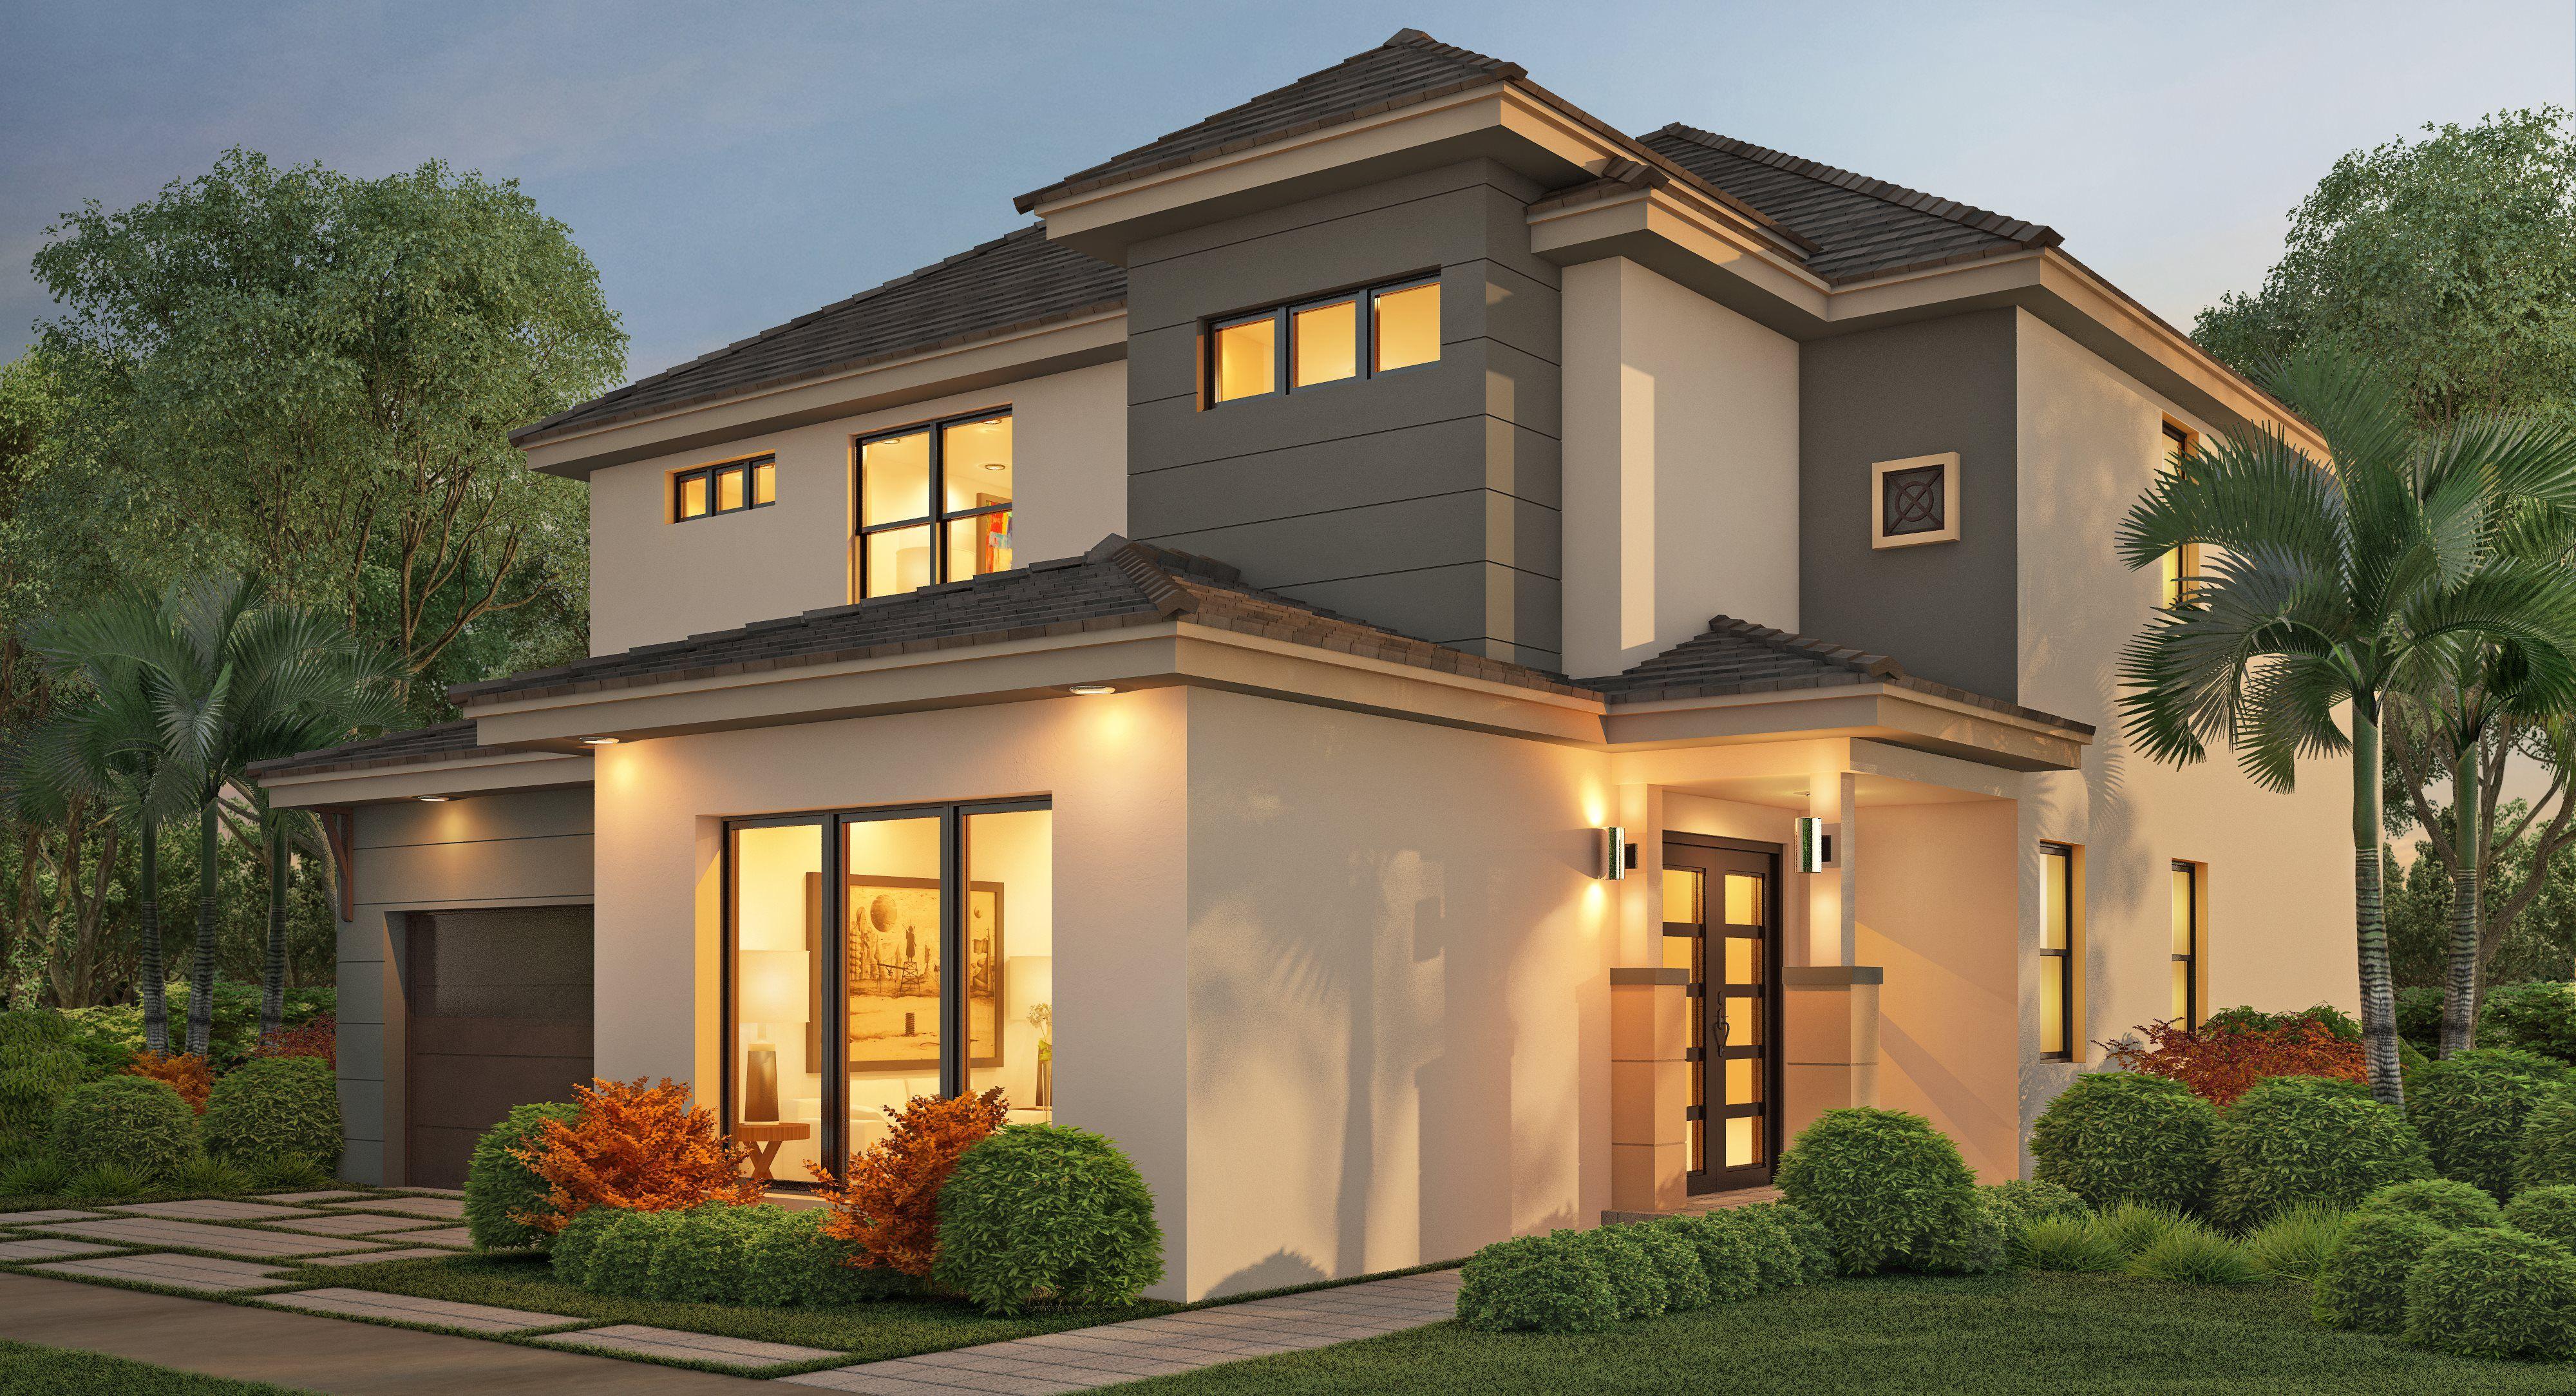 单亲家庭 为 销售 在 Satori: Executive Estates Collection - Tranquility 16201 Nw 87th Court Miami Lakes, Florida 33018 United States